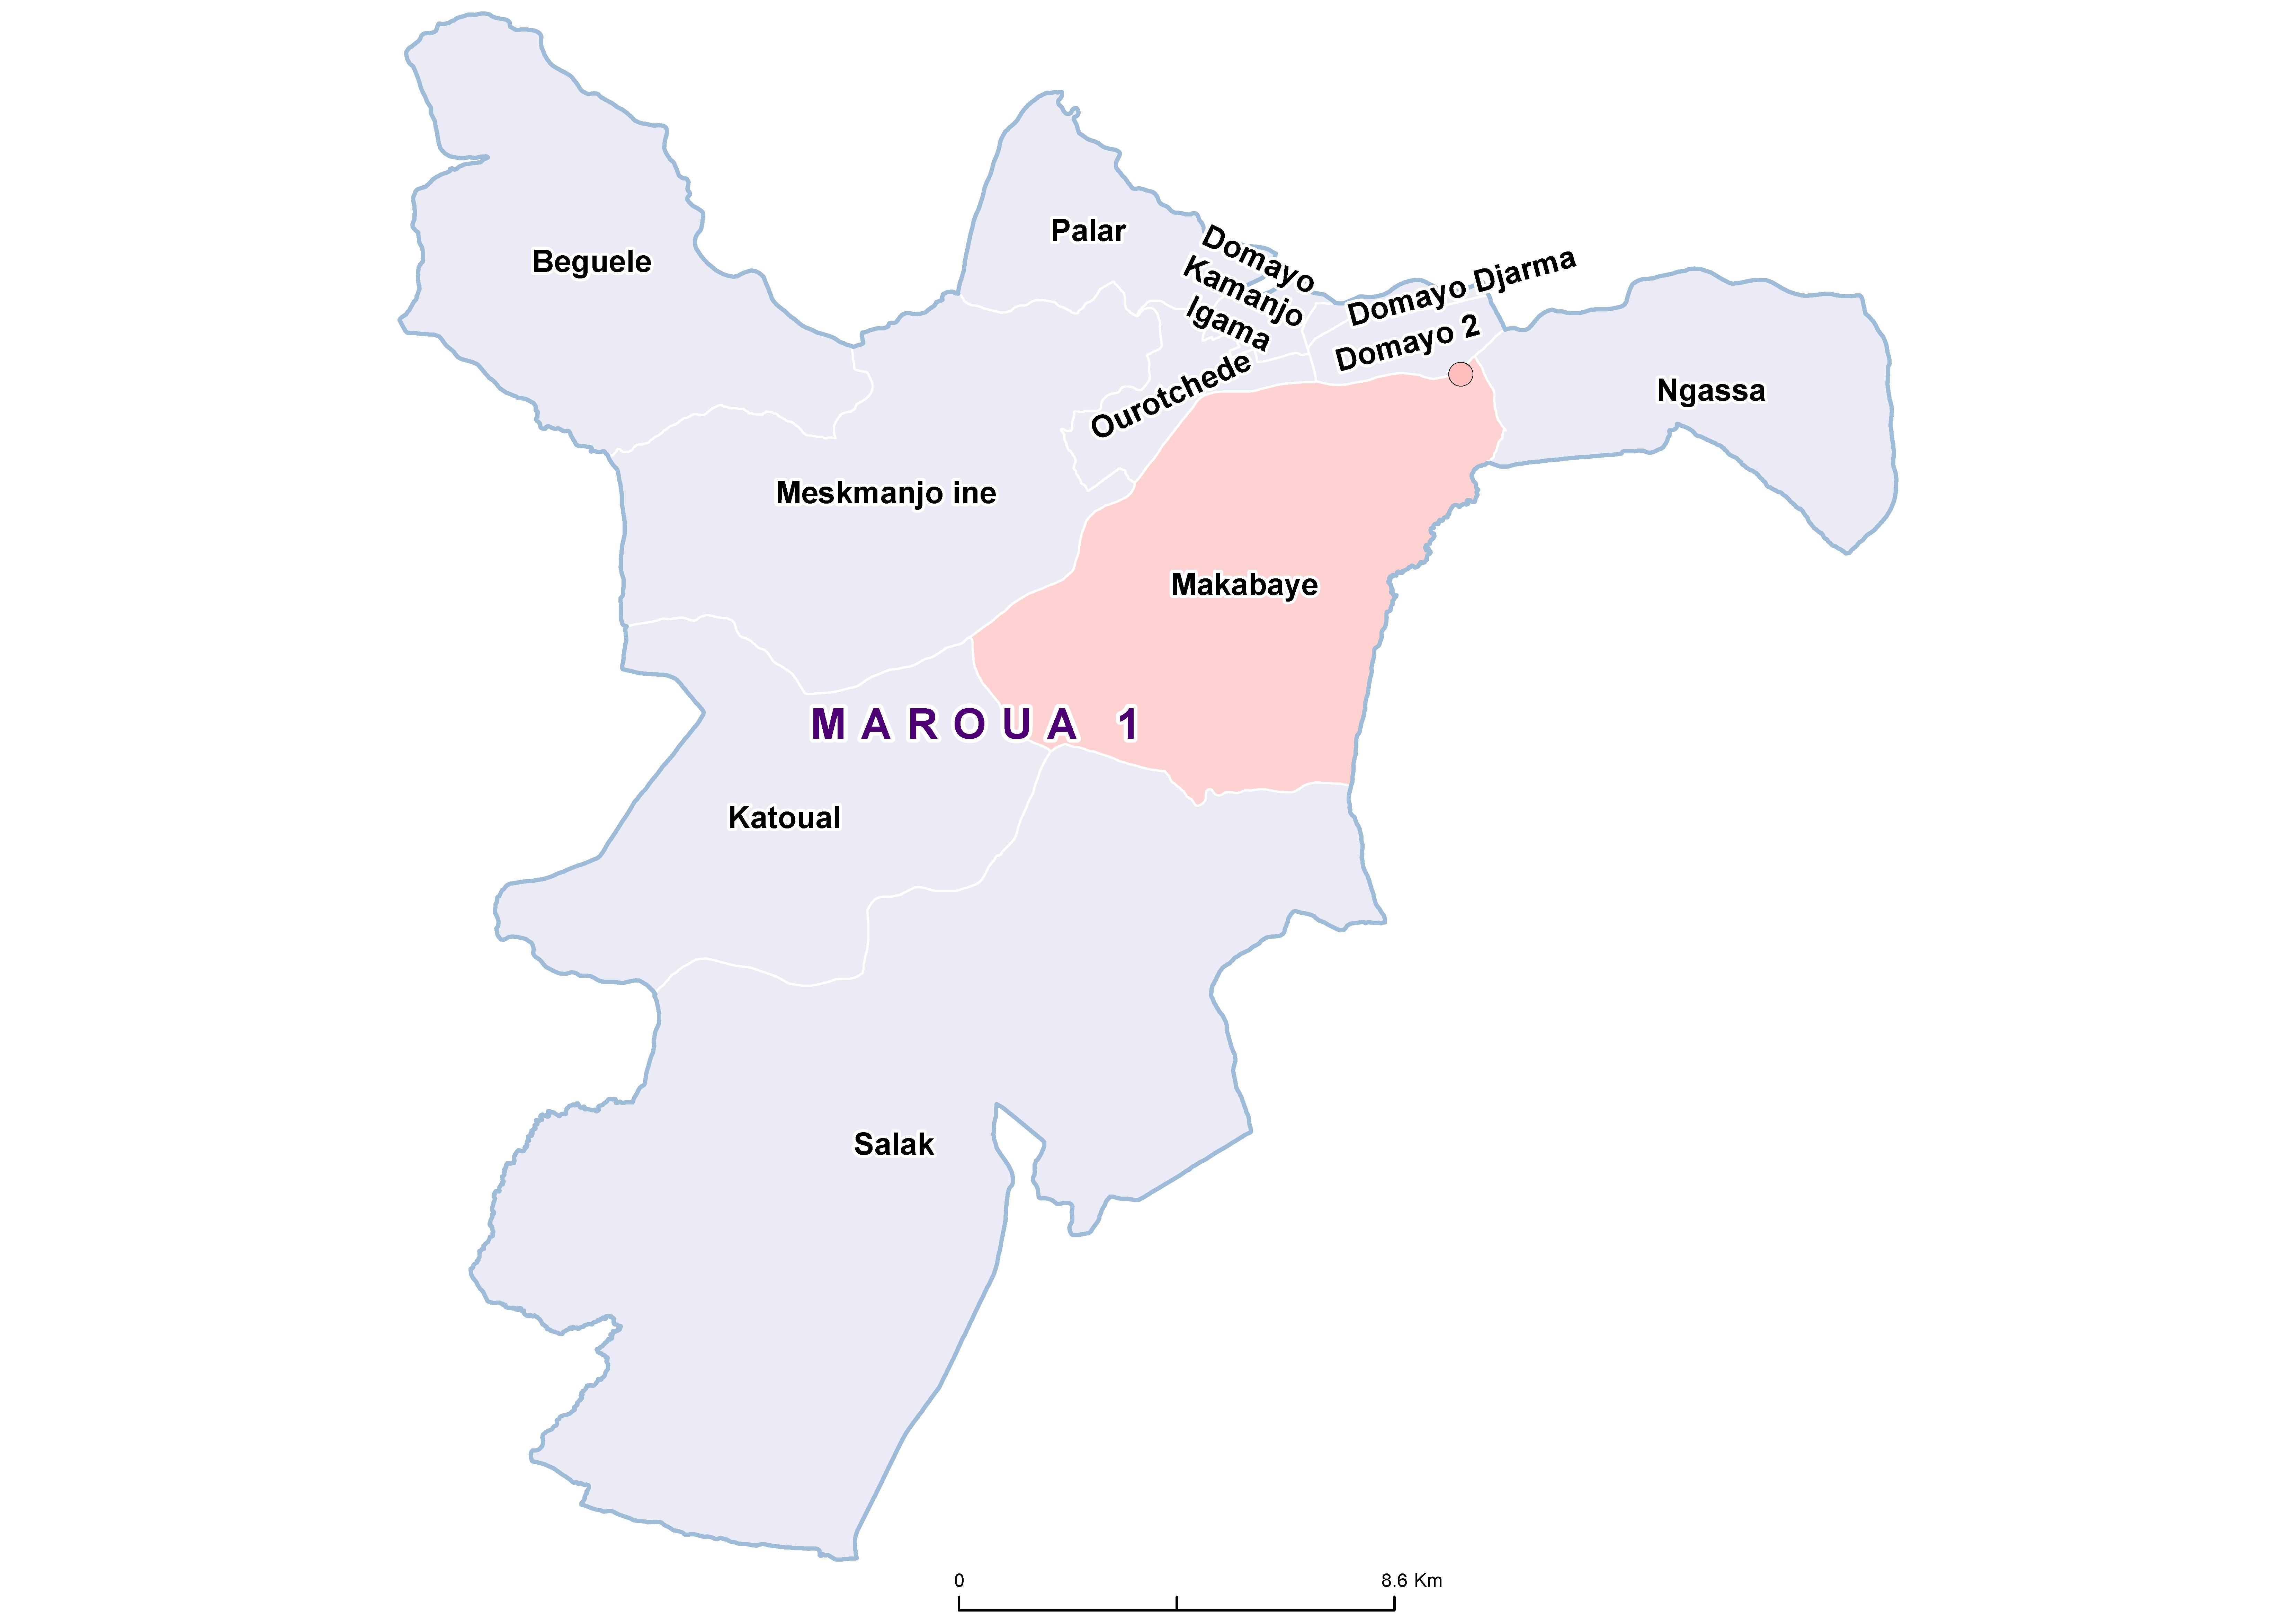 Maroua 1 STH 19850001